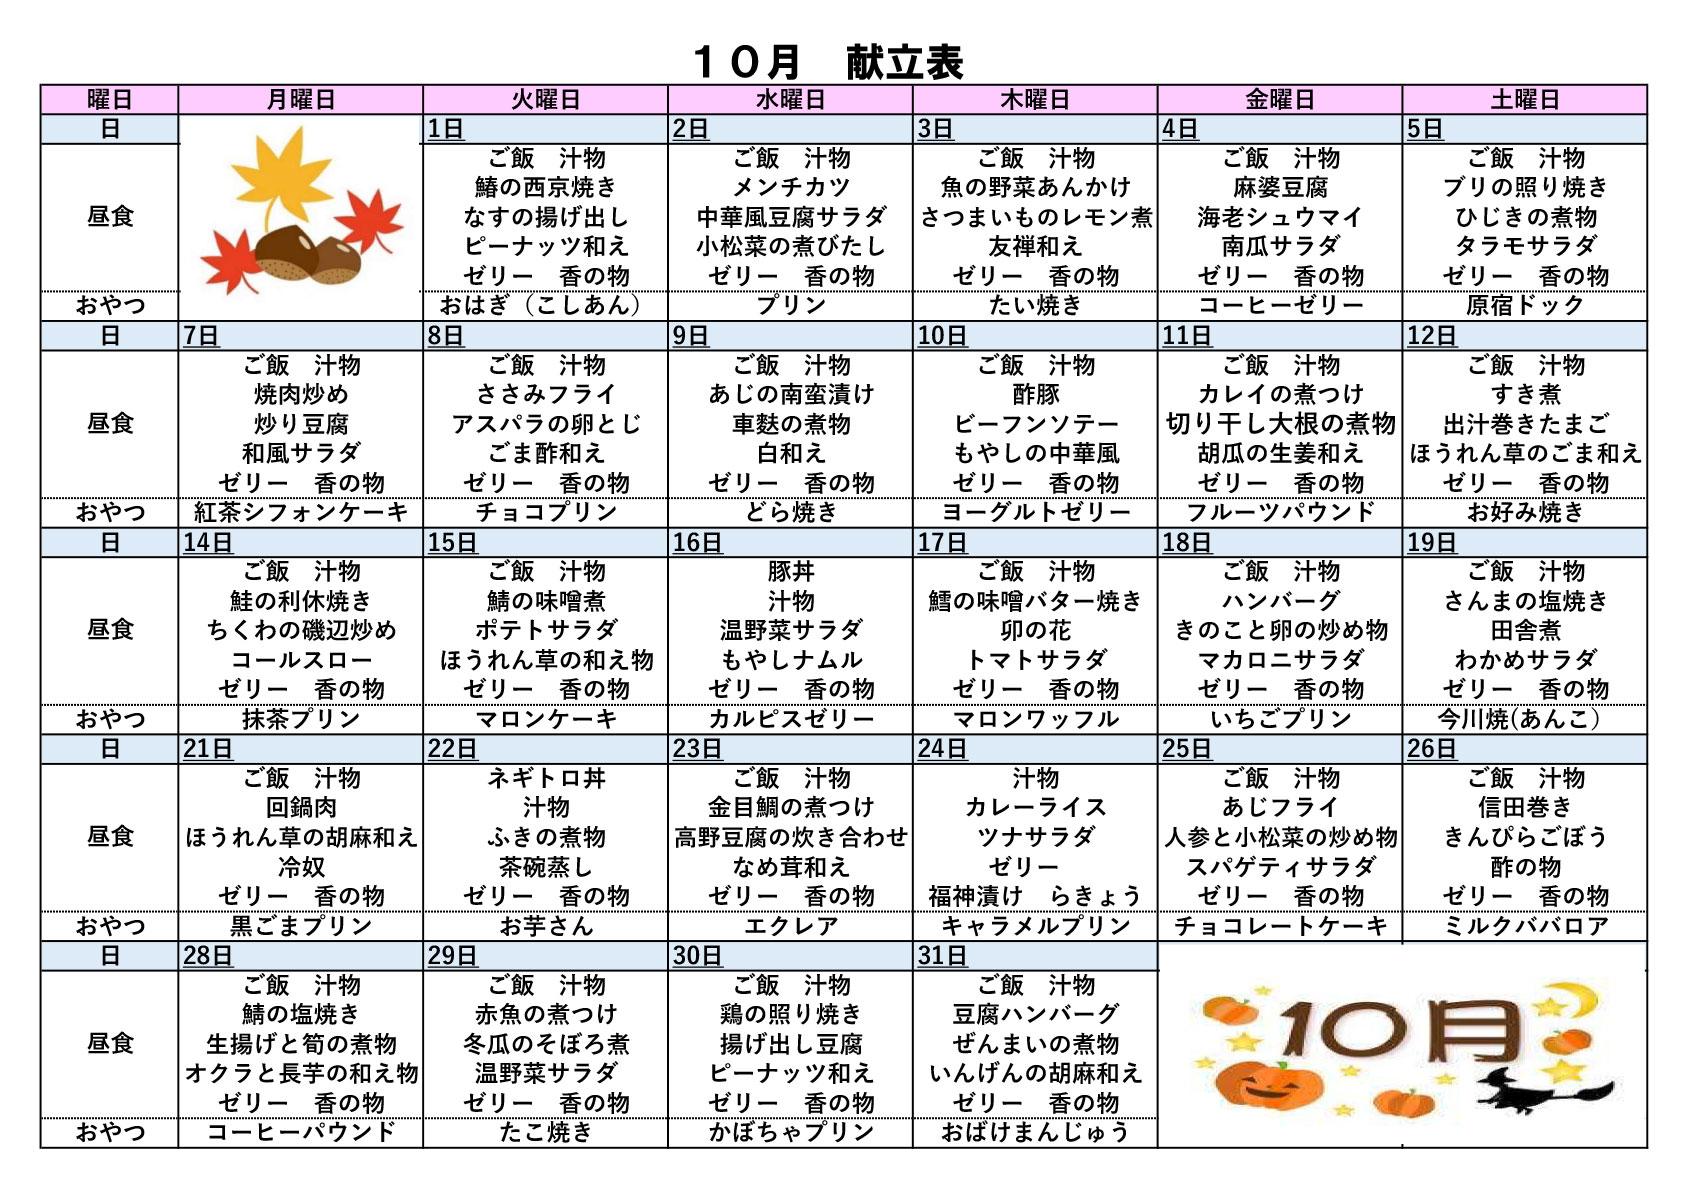 2019年10月献立表